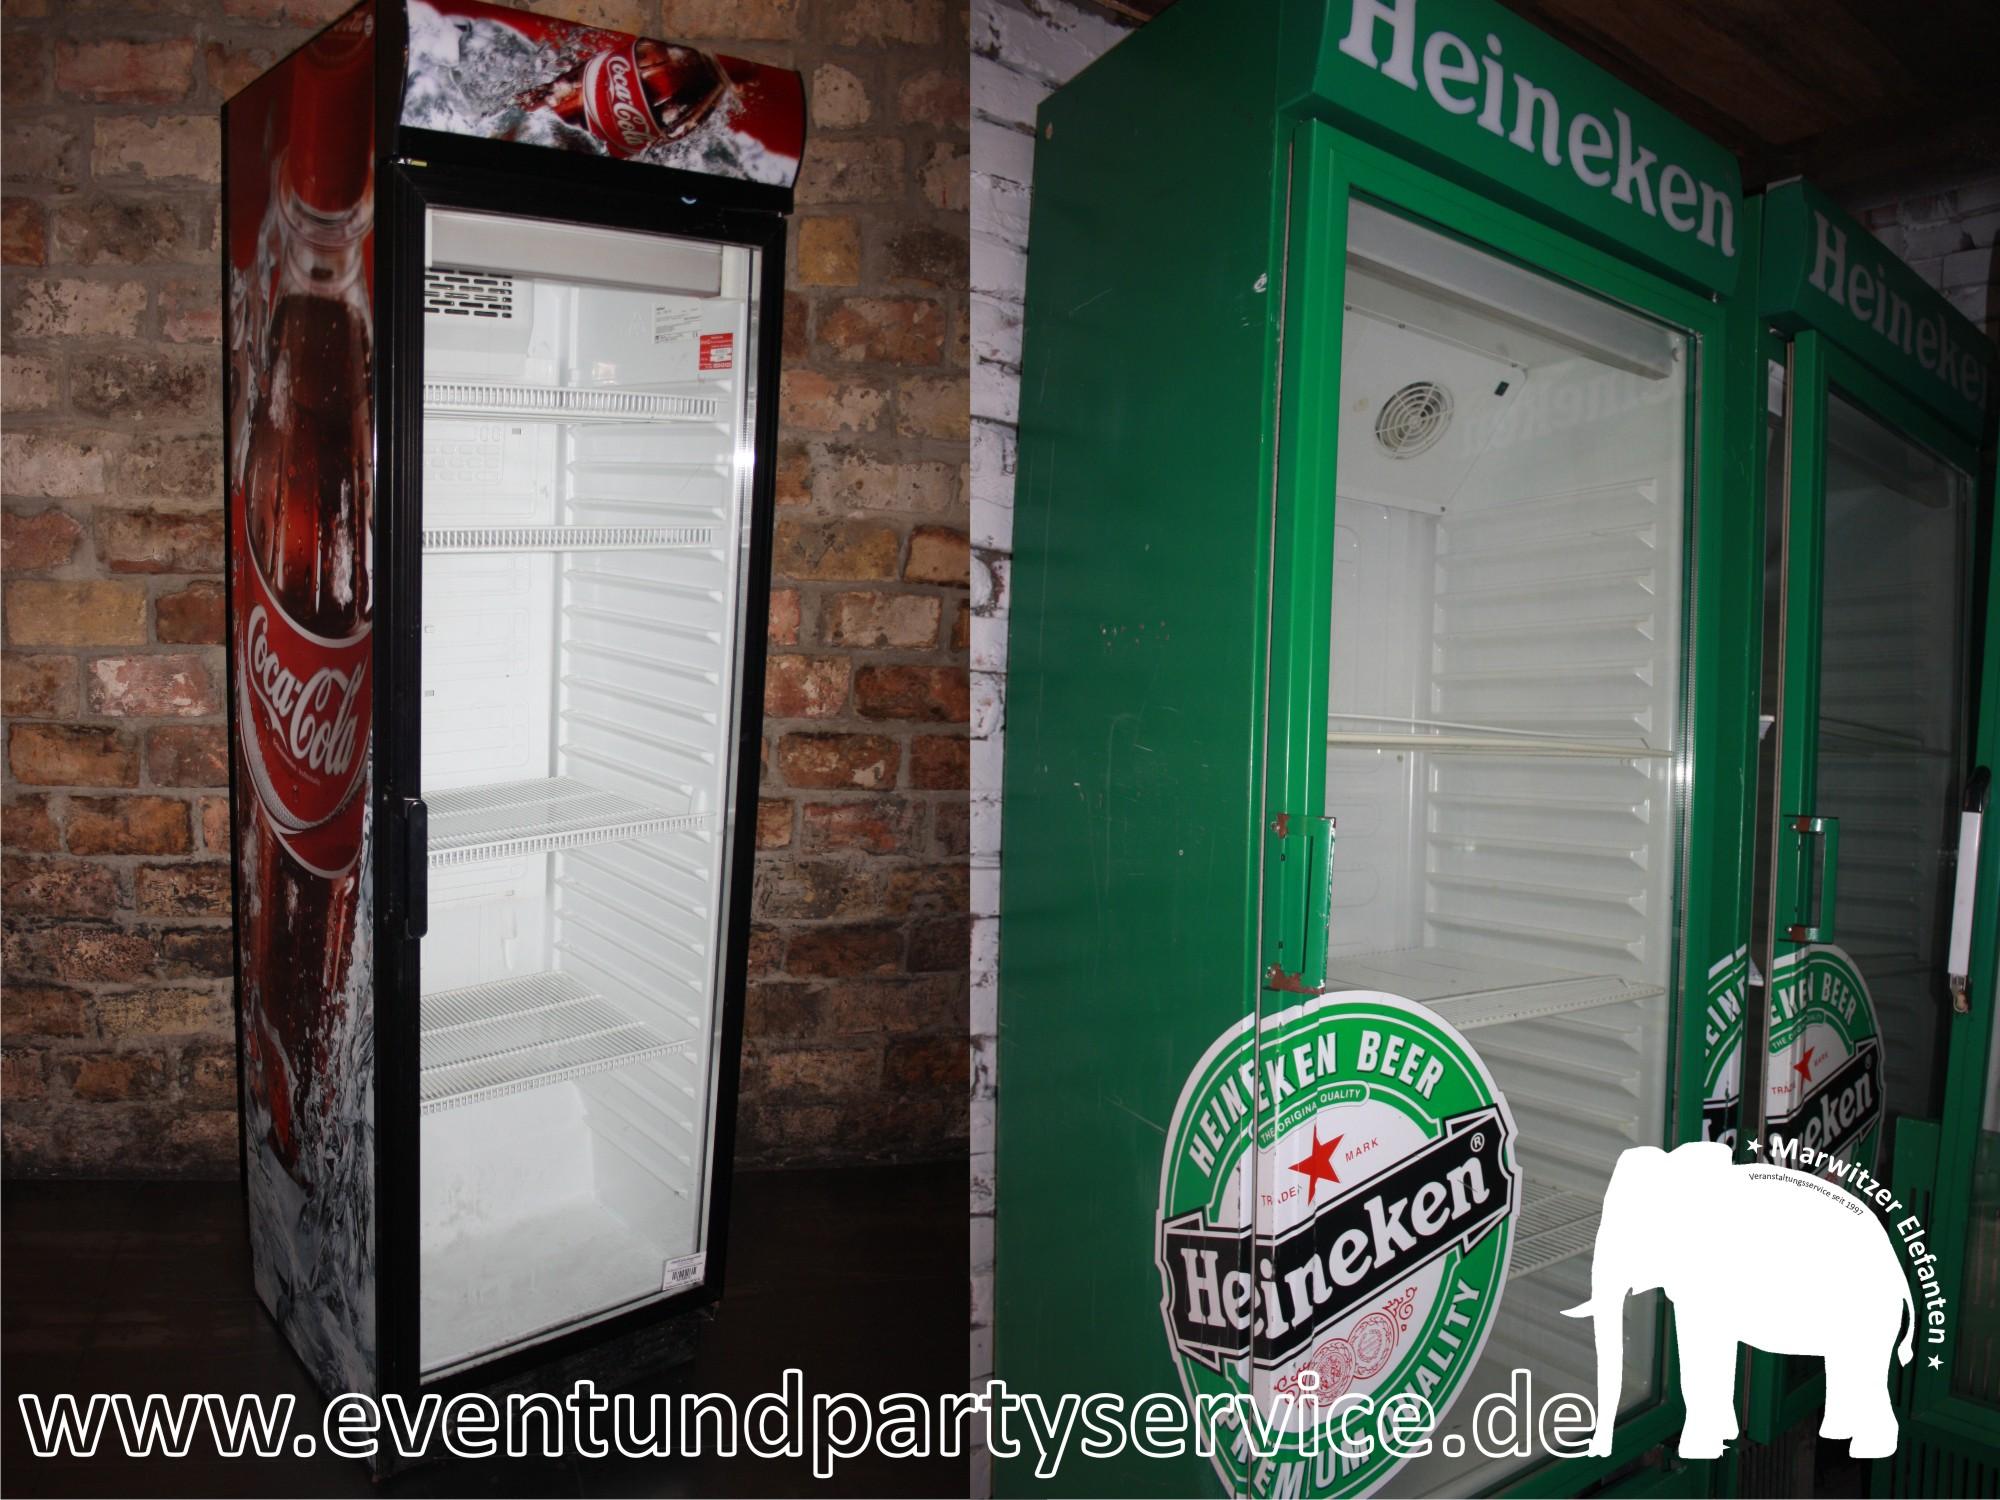 Mini Kühlschrank Heineken : Partyservice gastrozubehör mieten partyservice marwitzer elefanten